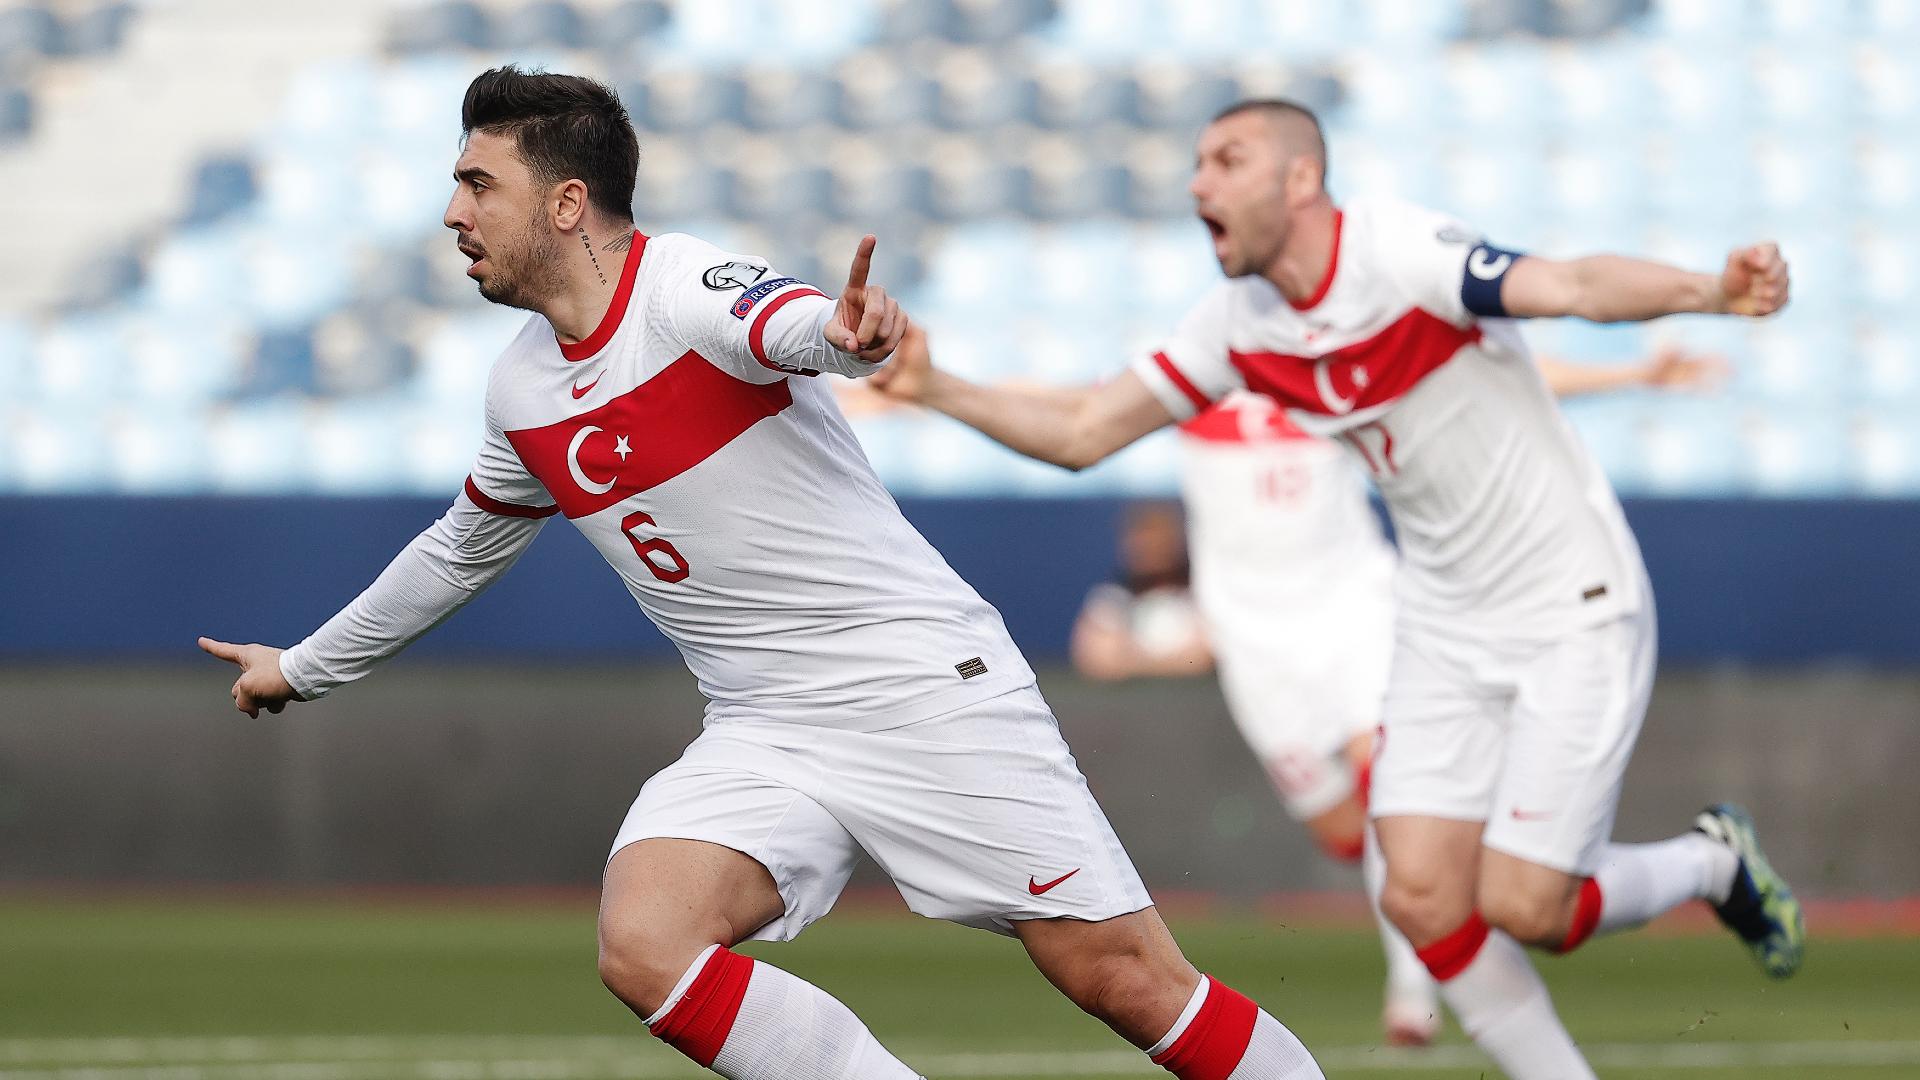 Ozan Tufan Türkiye A Milli Takım 27 Mart 2021 gol sevinci